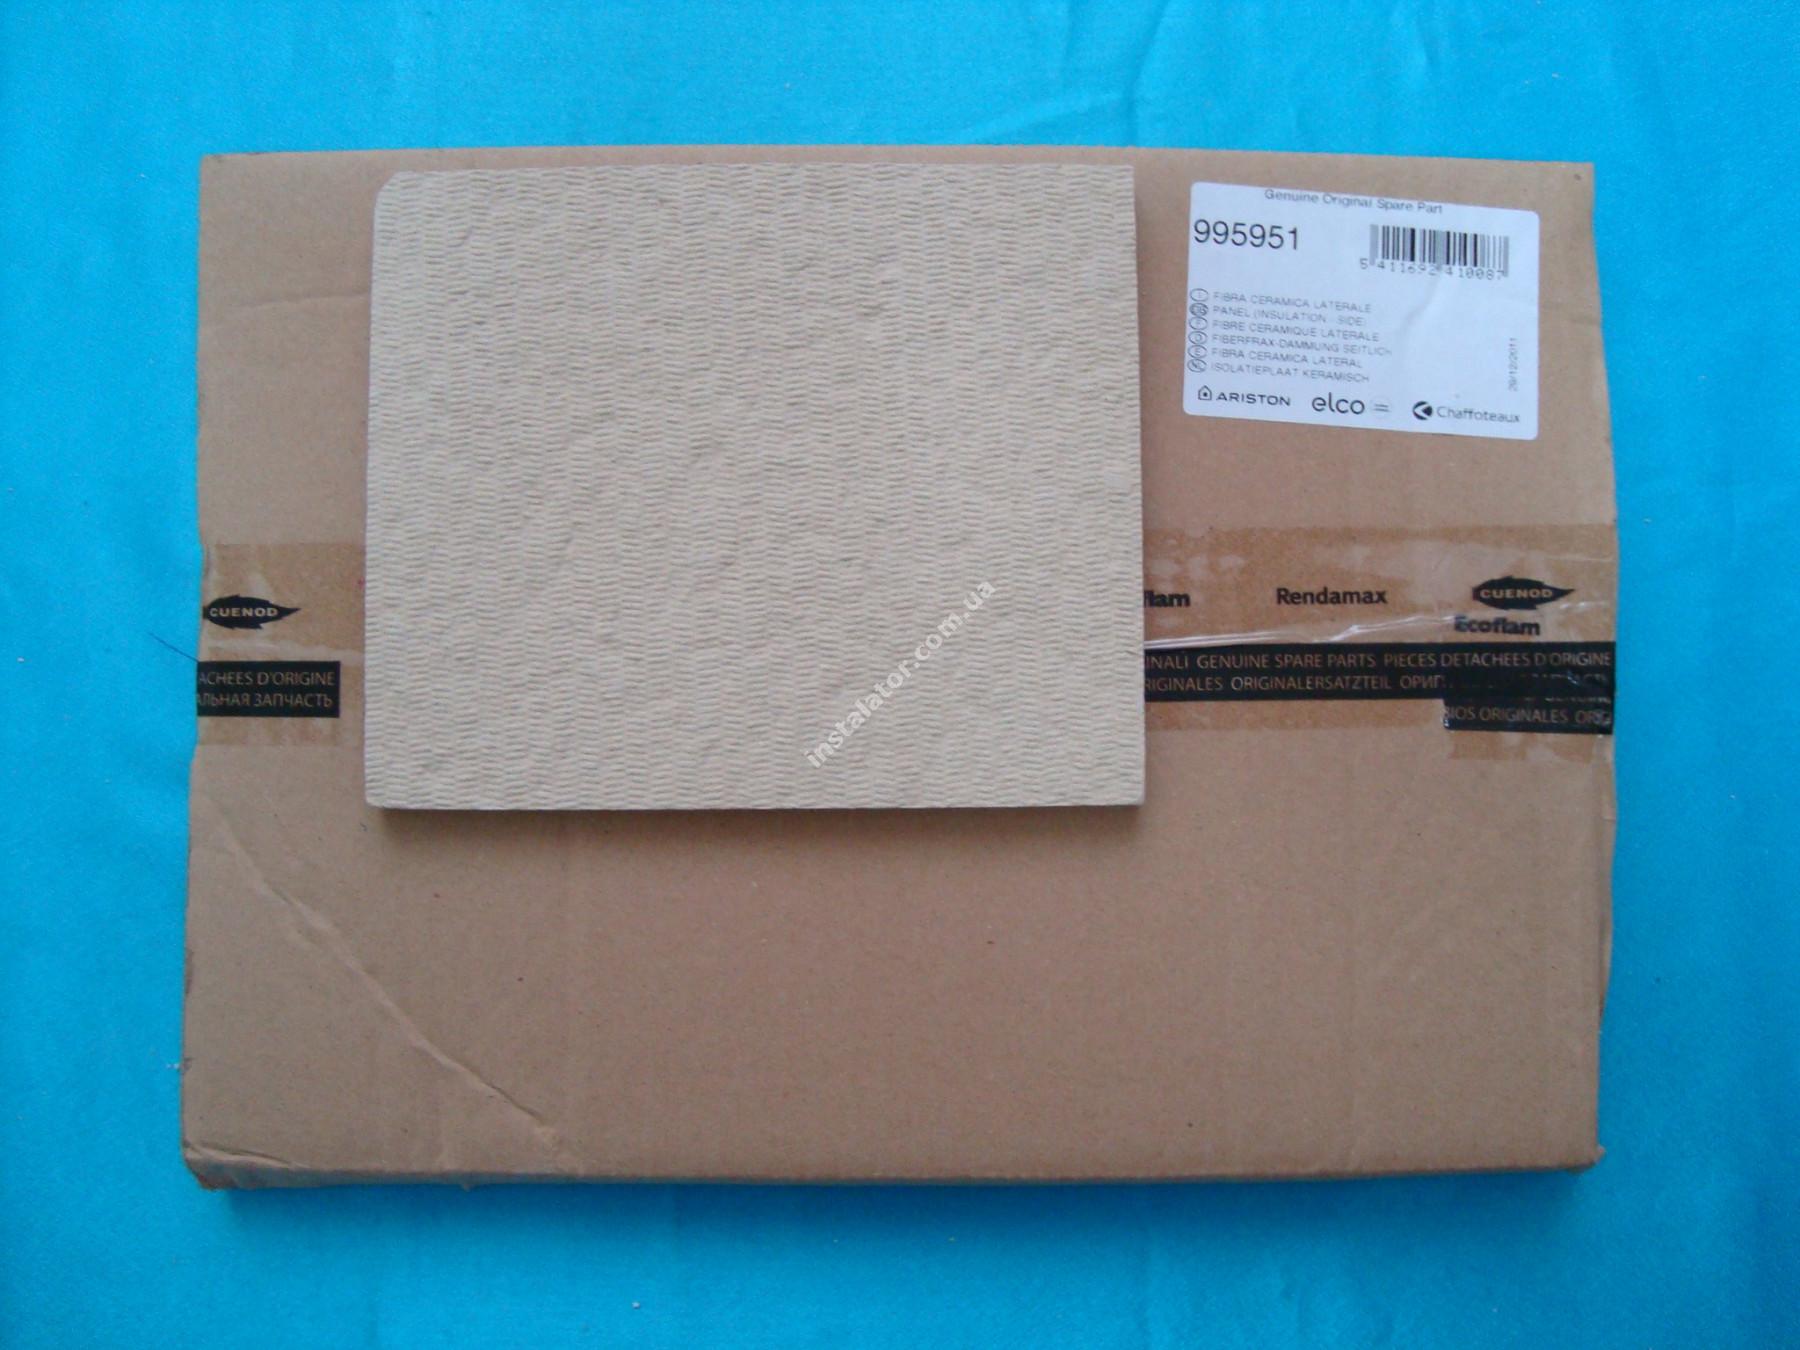 995951 Изоляция камеры сгорания боковая панель Аристон full-image-0